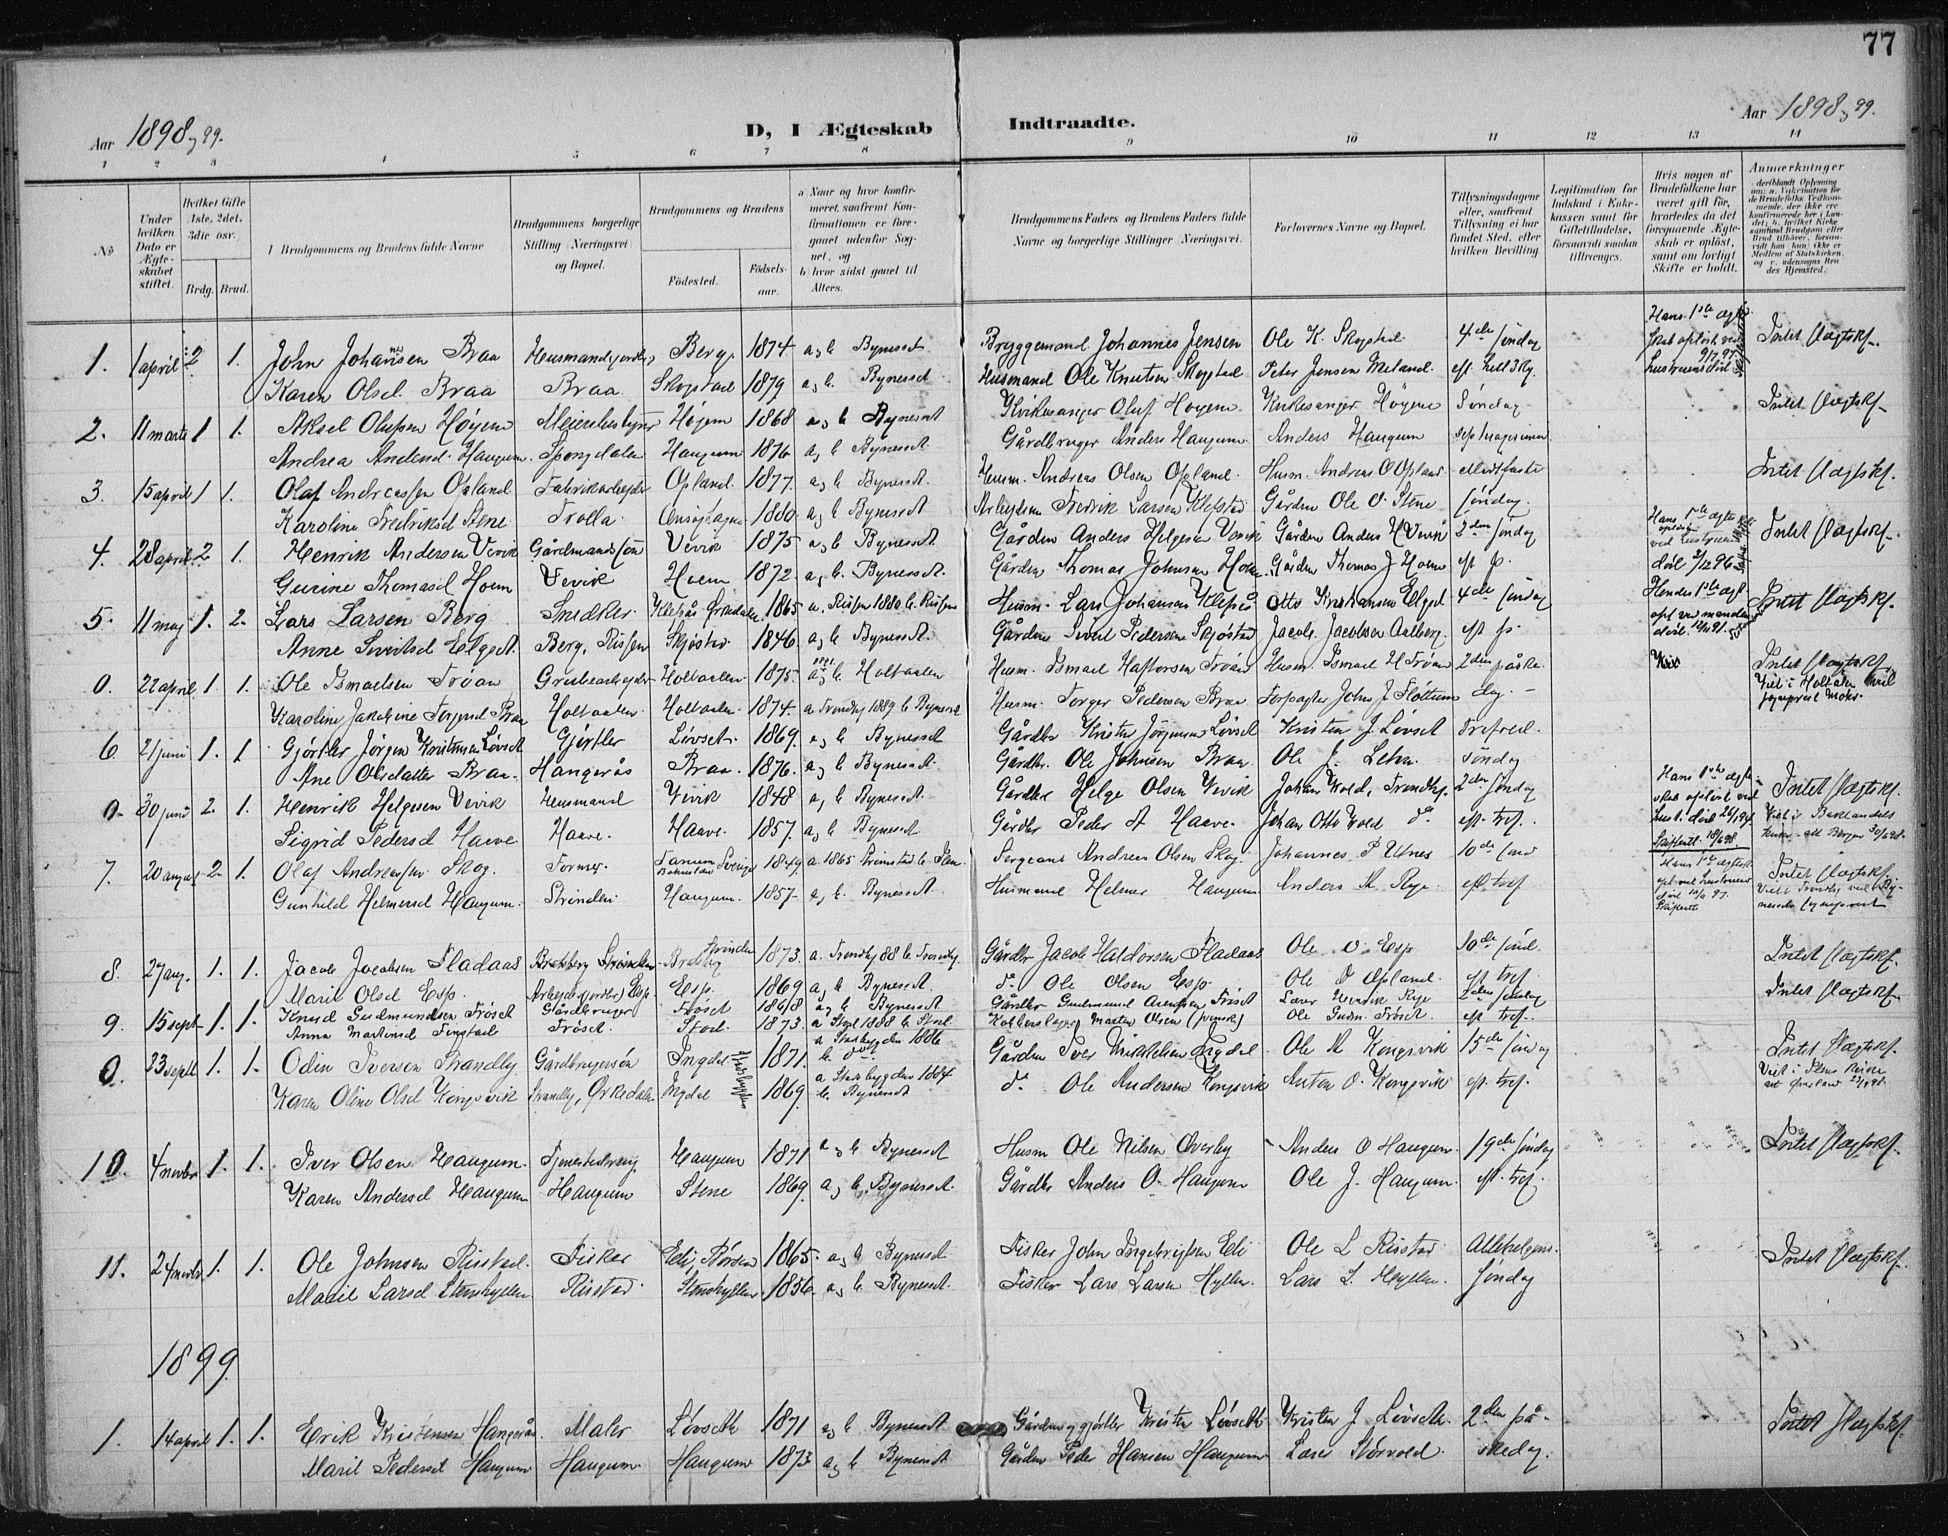 SAT, Ministerialprotokoller, klokkerbøker og fødselsregistre - Sør-Trøndelag, 612/L0380: Ministerialbok nr. 612A12, 1898-1907, s. 77